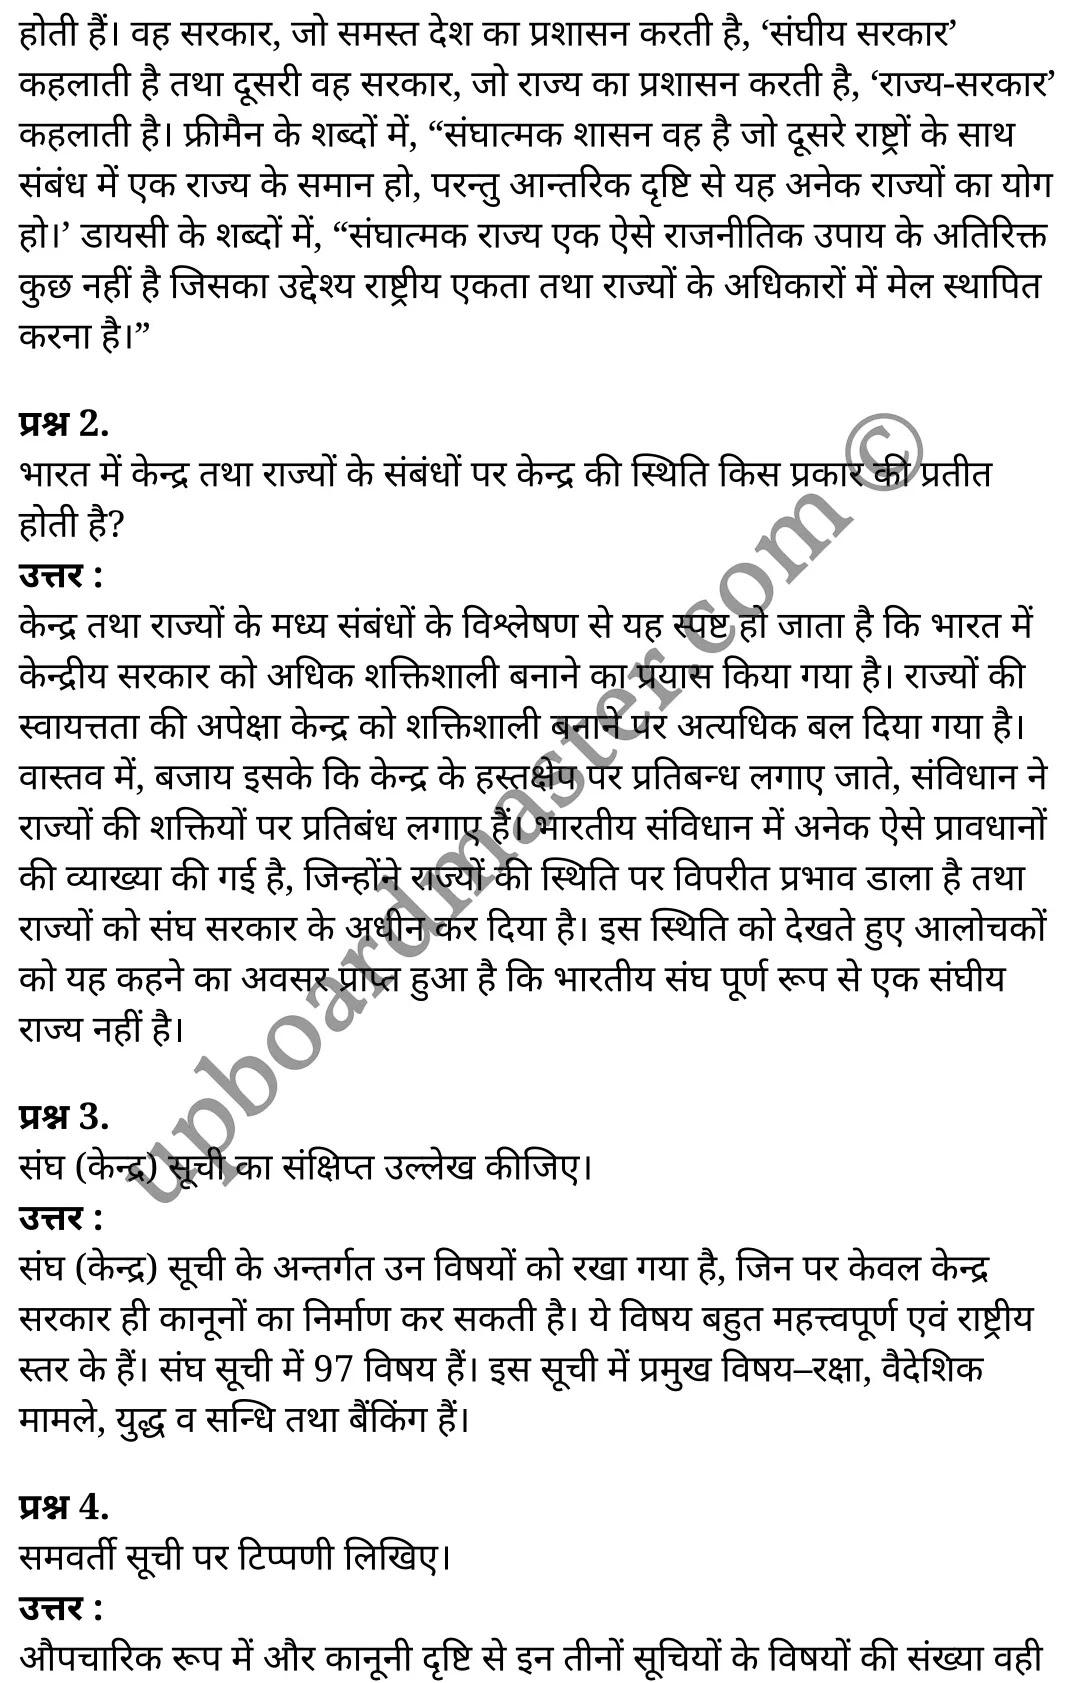 कक्षा 11 नागरिकशास्त्र  राजनीति विज्ञान अध्याय 7  के नोट्स  हिंदी में एनसीईआरटी समाधान,   class 11 civics chapter 7,  class 11 civics chapter 7 ncert solutions in civics,  class 11 civics chapter 7 notes in hindi,  class 11 civics chapter 7 question answer,  class 11 civics chapter 7 notes,  class 11 civics chapter 7 class 11 civics  chapter 7 in  hindi,   class 11 civics chapter 7 important questions in  hindi,  class 11 civics hindi  chapter 7 notes in hindi,   class 11 civics  chapter 7 test,  class 11 civics  chapter 7 class 11 civics  chapter 7 pdf,  class 11 civics  chapter 7 notes pdf,  class 11 civics  chapter 7 exercise solutions,  class 11 civics  chapter 7, class 11 civics  chapter 7 notes study rankers,  class 11 civics  chapter 7 notes,  class 11 civics hindi  chapter 7 notes,   class 11 civics   chapter 7  class 11  notes pdf,  class 11 civics  chapter 7 class 11  notes  ncert,  class 11 civics  chapter 7 class 11 pdf,  class 11 civics  chapter 7  book,  class 11 civics  chapter 7 quiz class 11  ,     11  th class 11 civics chapter 7    book up board,   up board 11  th class 11 civics chapter 7 notes,  class 11 civics  Political Science chapter 7,  class 11 civics  Political Science chapter 7 ncert solutions in civics,  class 11 civics  Political Science chapter 7 notes in hindi,  class 11 civics  Political Science chapter 7 question answer,  class 11 civics  Political Science  chapter 7 notes,  class 11 civics  Political Science  chapter 7 class 11 civics  chapter 7 in  hindi,   class 11 civics  Political Science chapter 7 important questions in  hindi,  class 11 civics  Political Science  chapter 7 notes in hindi,   class 11 civics  Political Science  chapter 7 test,  class 11 civics  Political Science  chapter 7 class 11 civics  chapter 7 pdf,  class 11 civics  Political Science chapter 7 notes pdf,  class 11 civics  Political Science  chapter 7 exercise solutions,  class 11 civics  Political Science  chapter 7, class 11 civics  Political Science  c